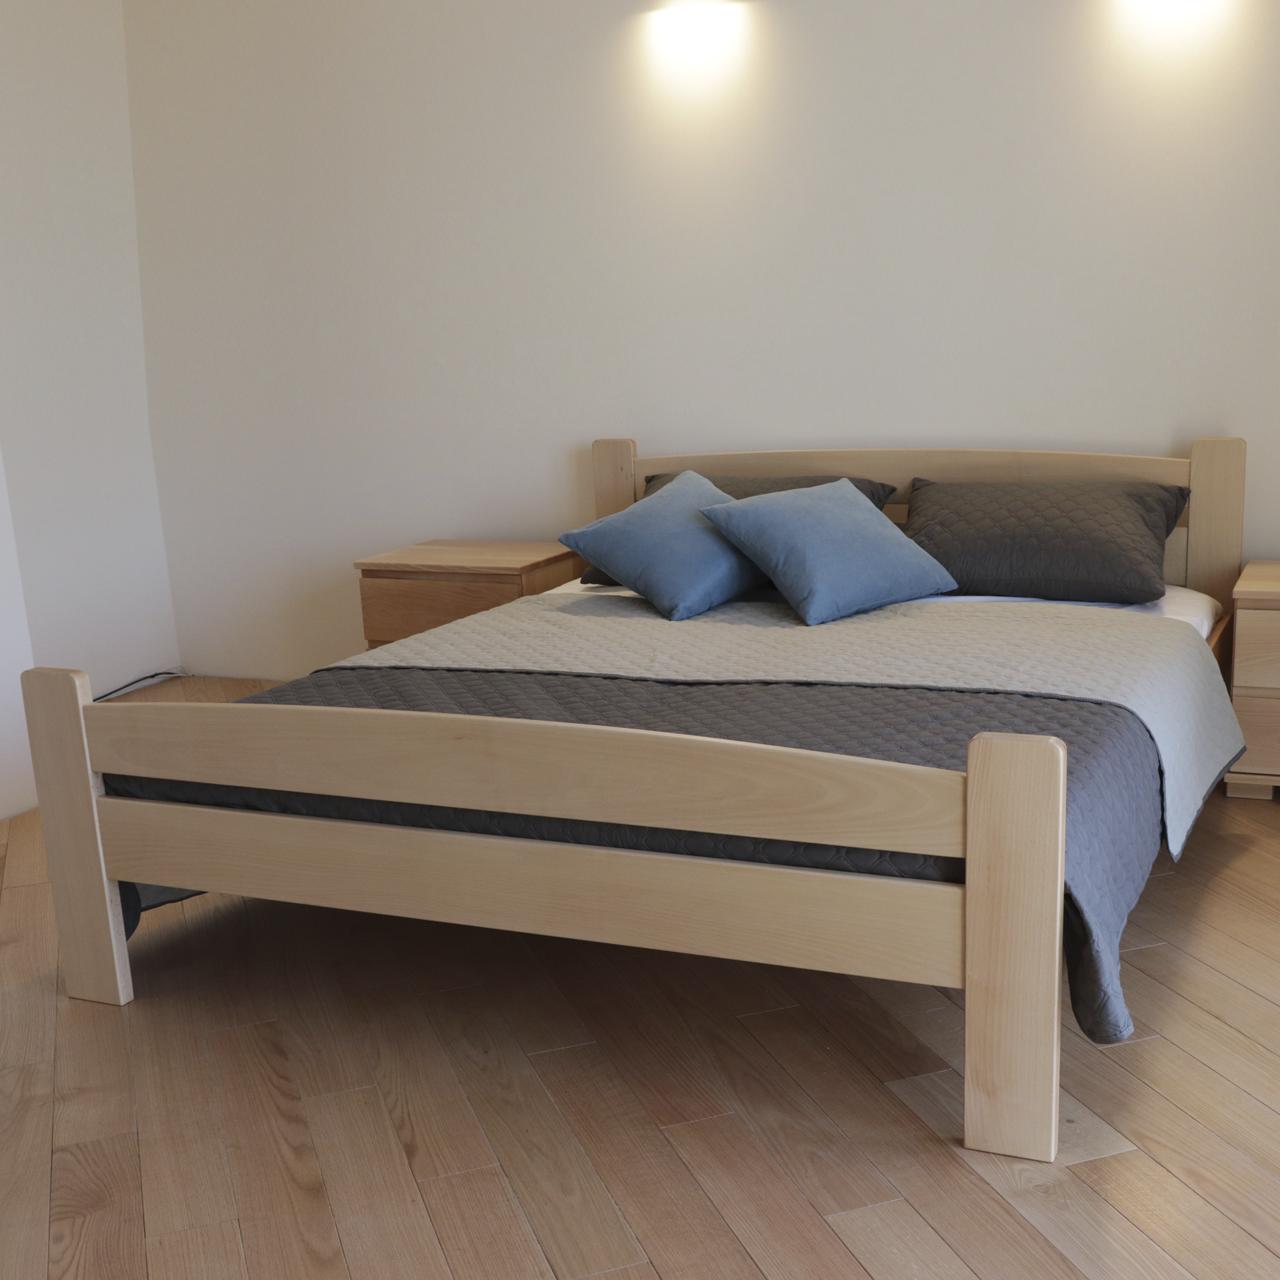 Ліжко дерев'яне двоспальне Каспер (масив бука)